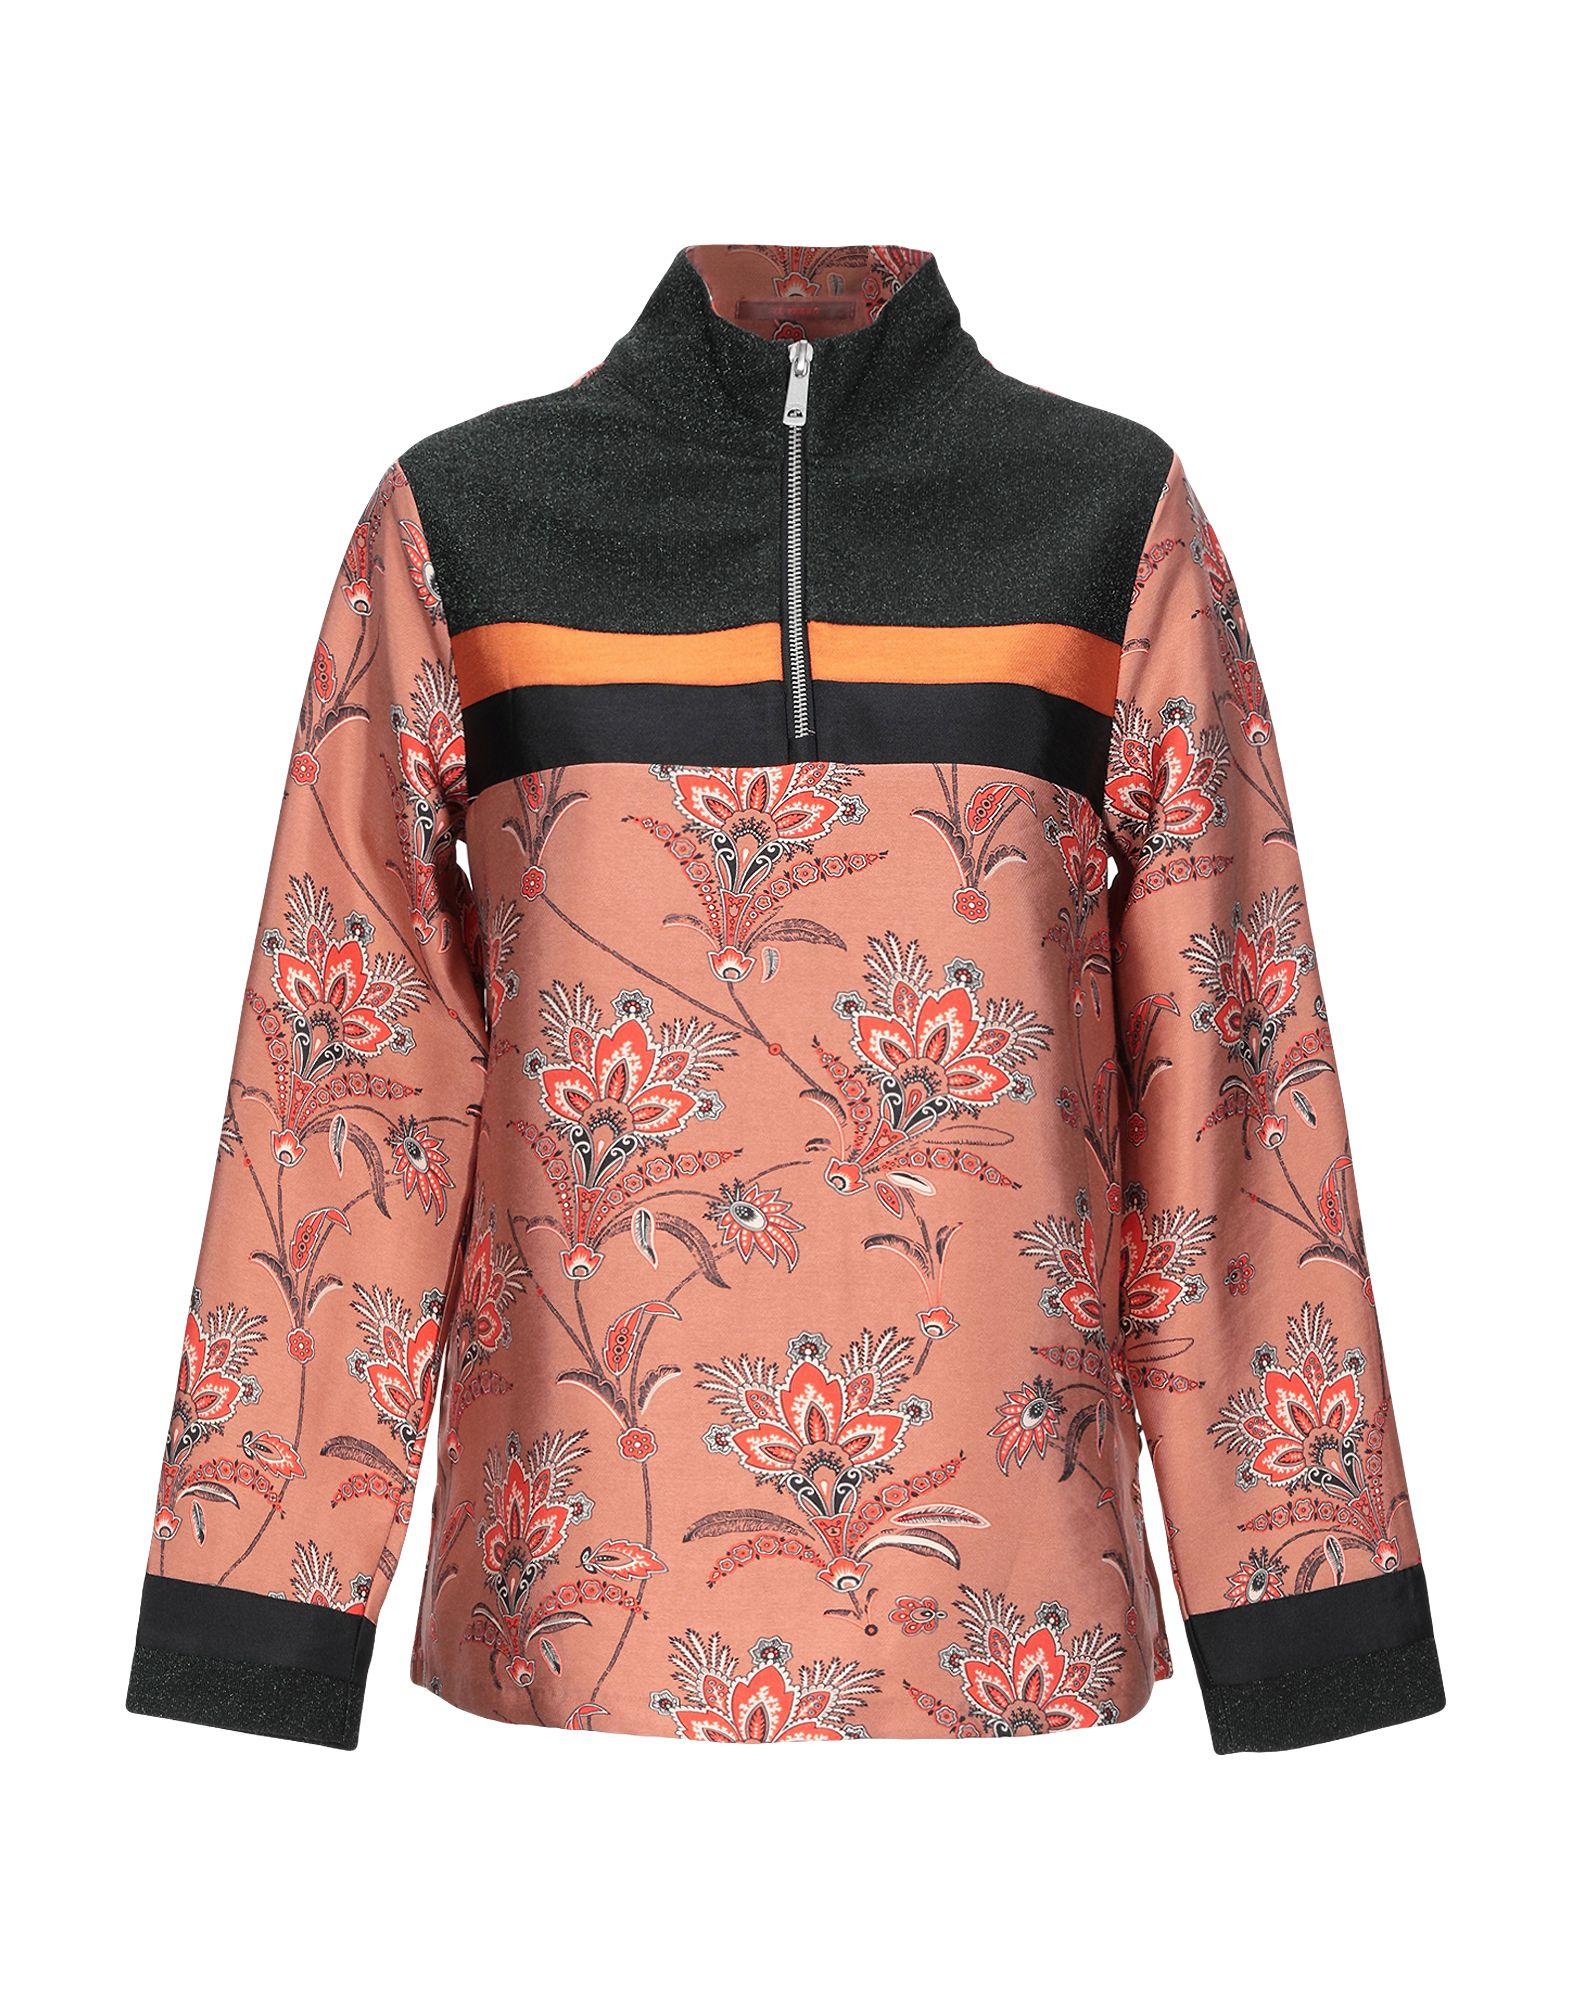 MAISON SCOTCH Блузка maison laviniaturra блузка